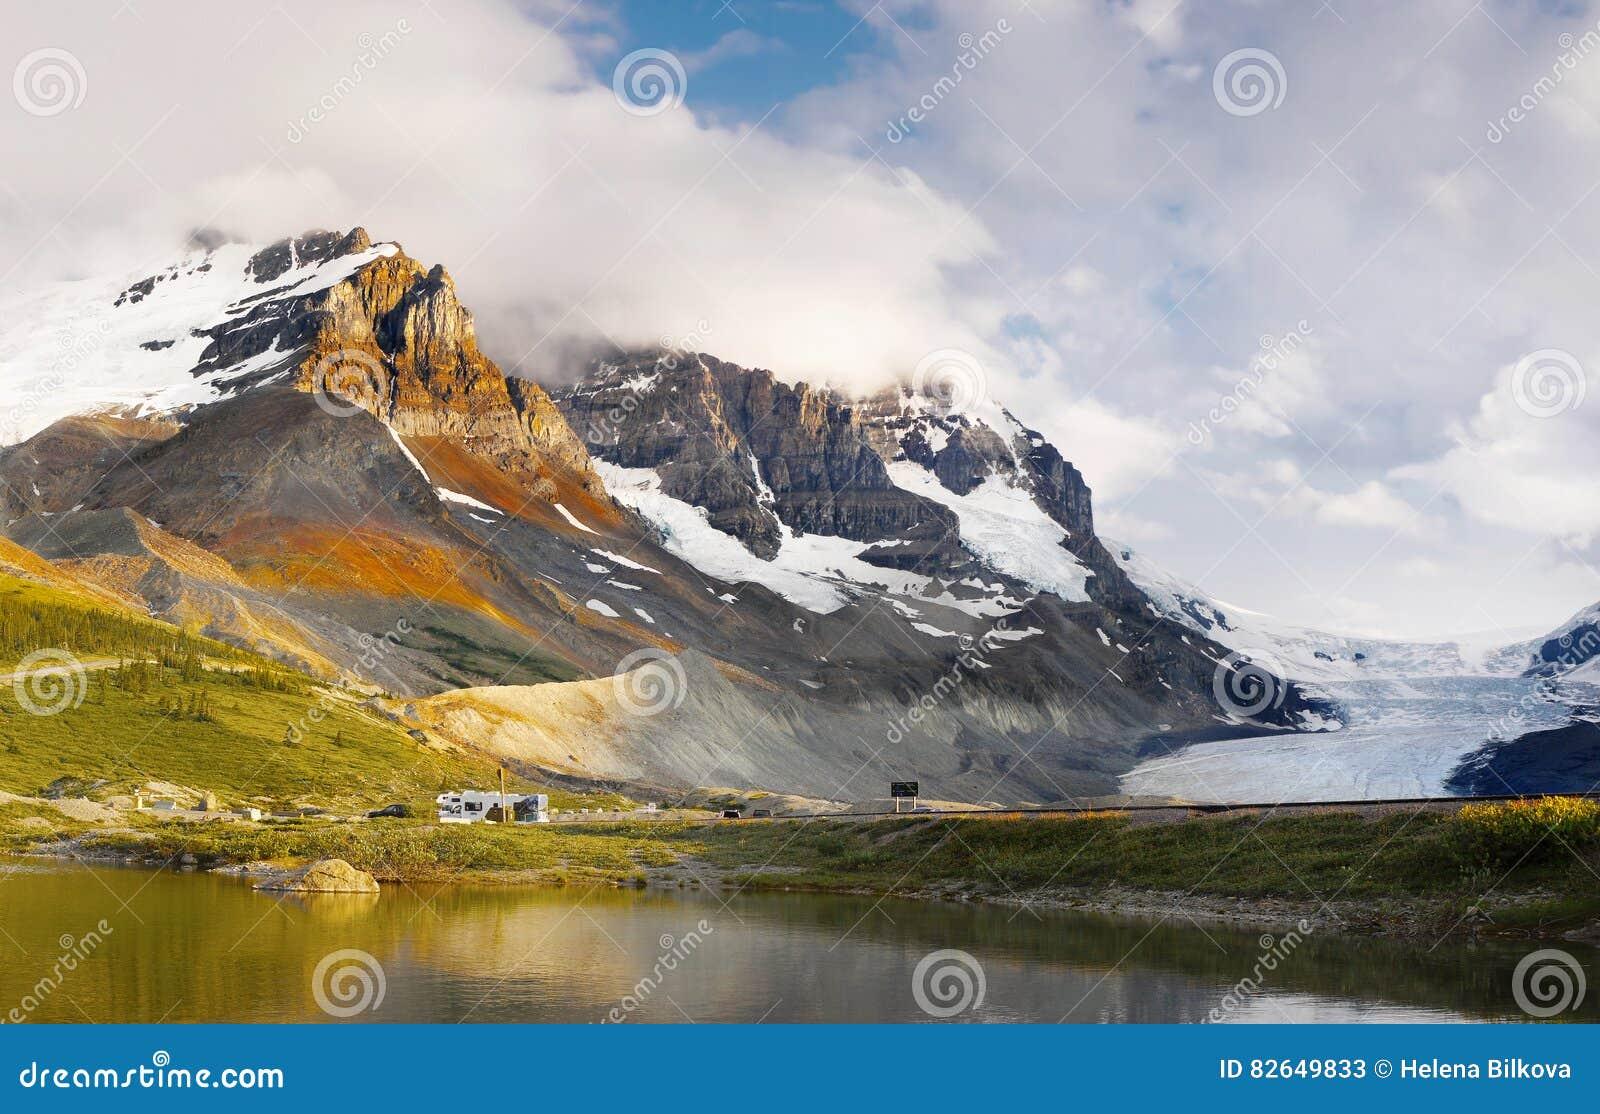 Paisagem da cordilheira, Rocky Mountains, Canadá